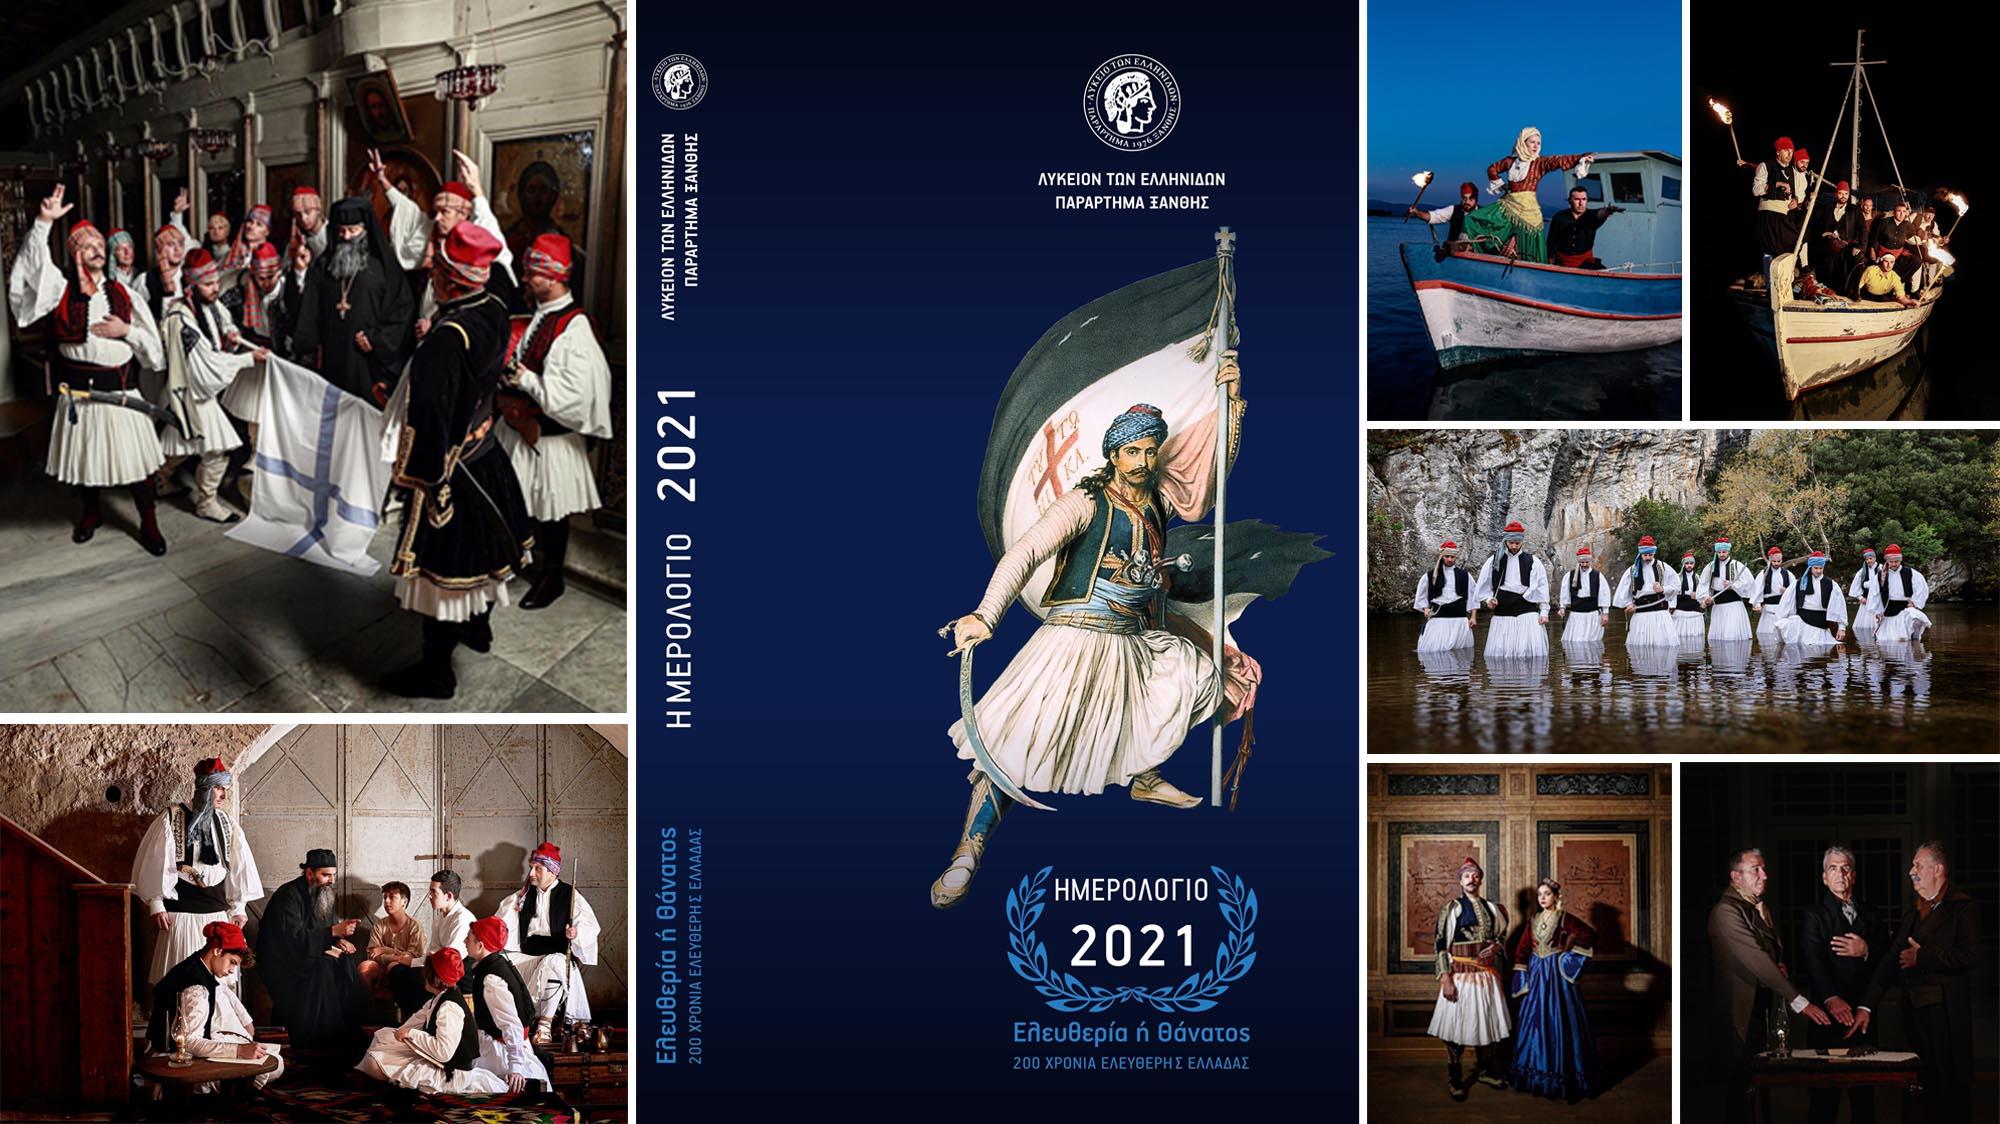 Ξάνθη: Εκπληκτικό ημερολόγιο από το Λύκειο Ελληνίδων για τους ήρωες του 1821